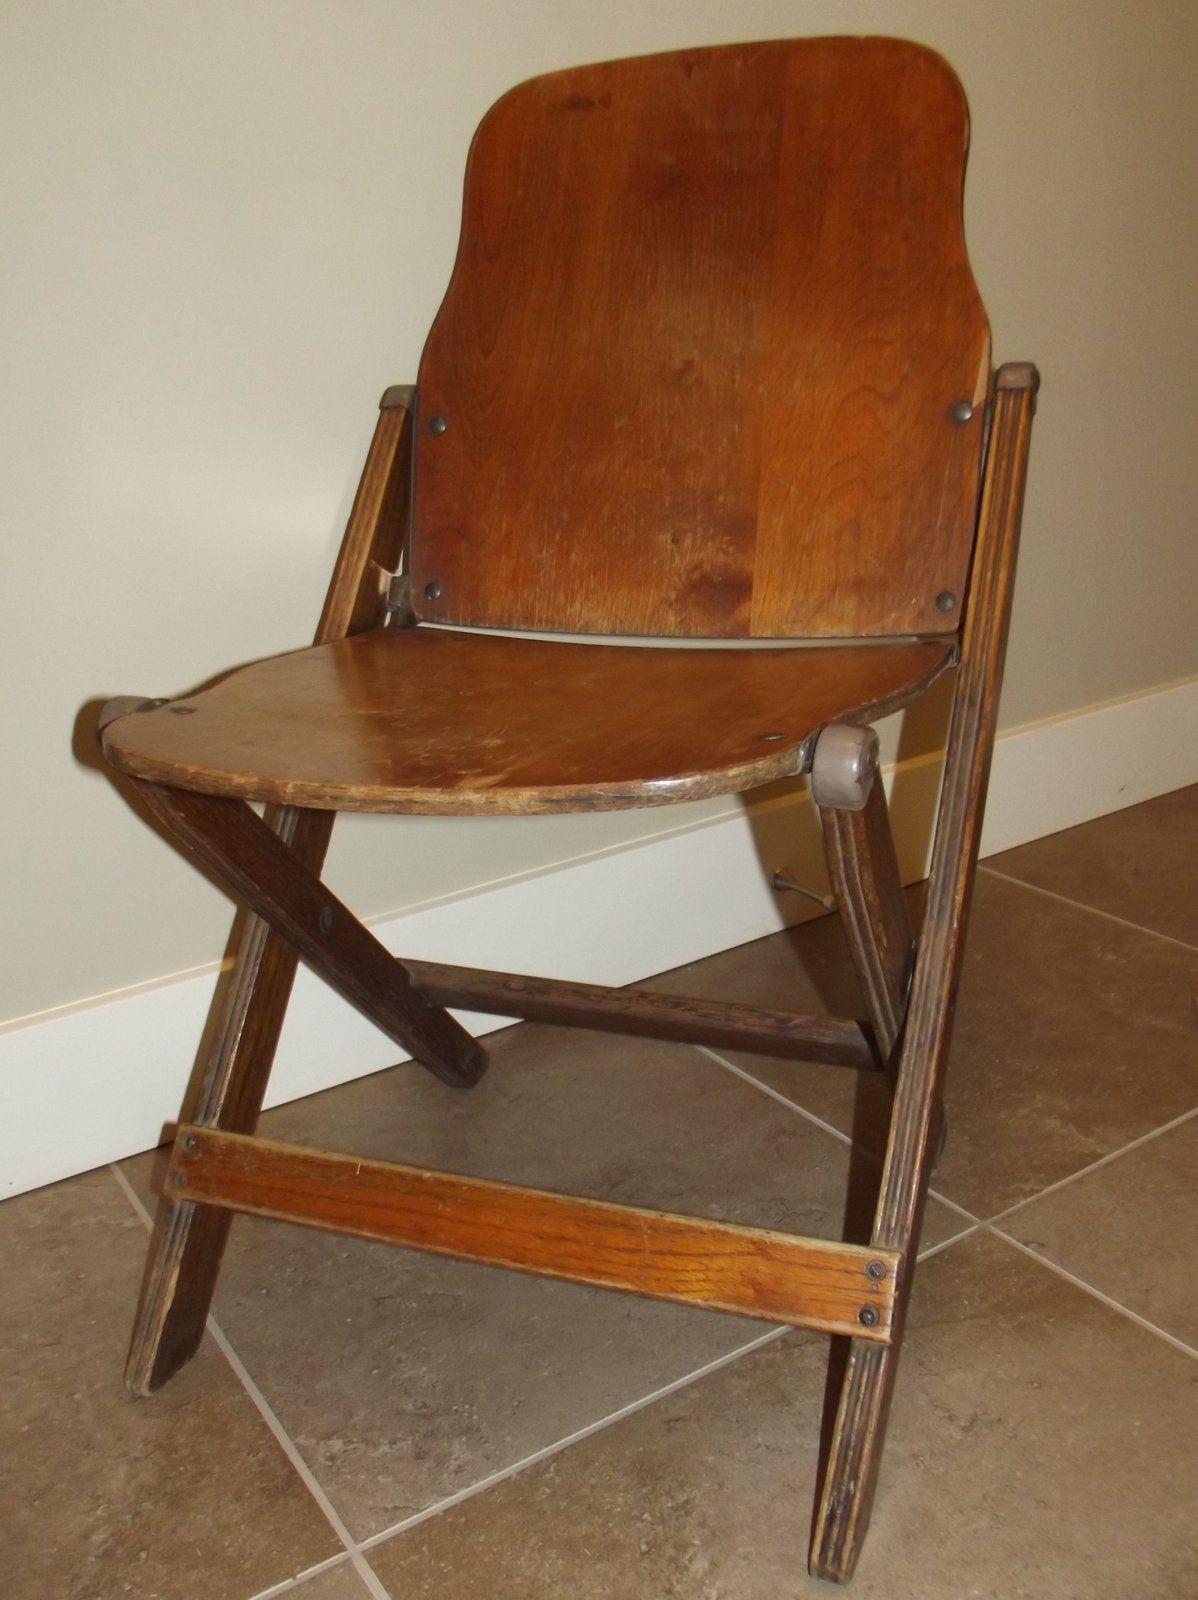 Vintage Wood Folding Chairs Saukkav D - Vintage Wood Folding Chairs Saukkav D Furniture Pinterest